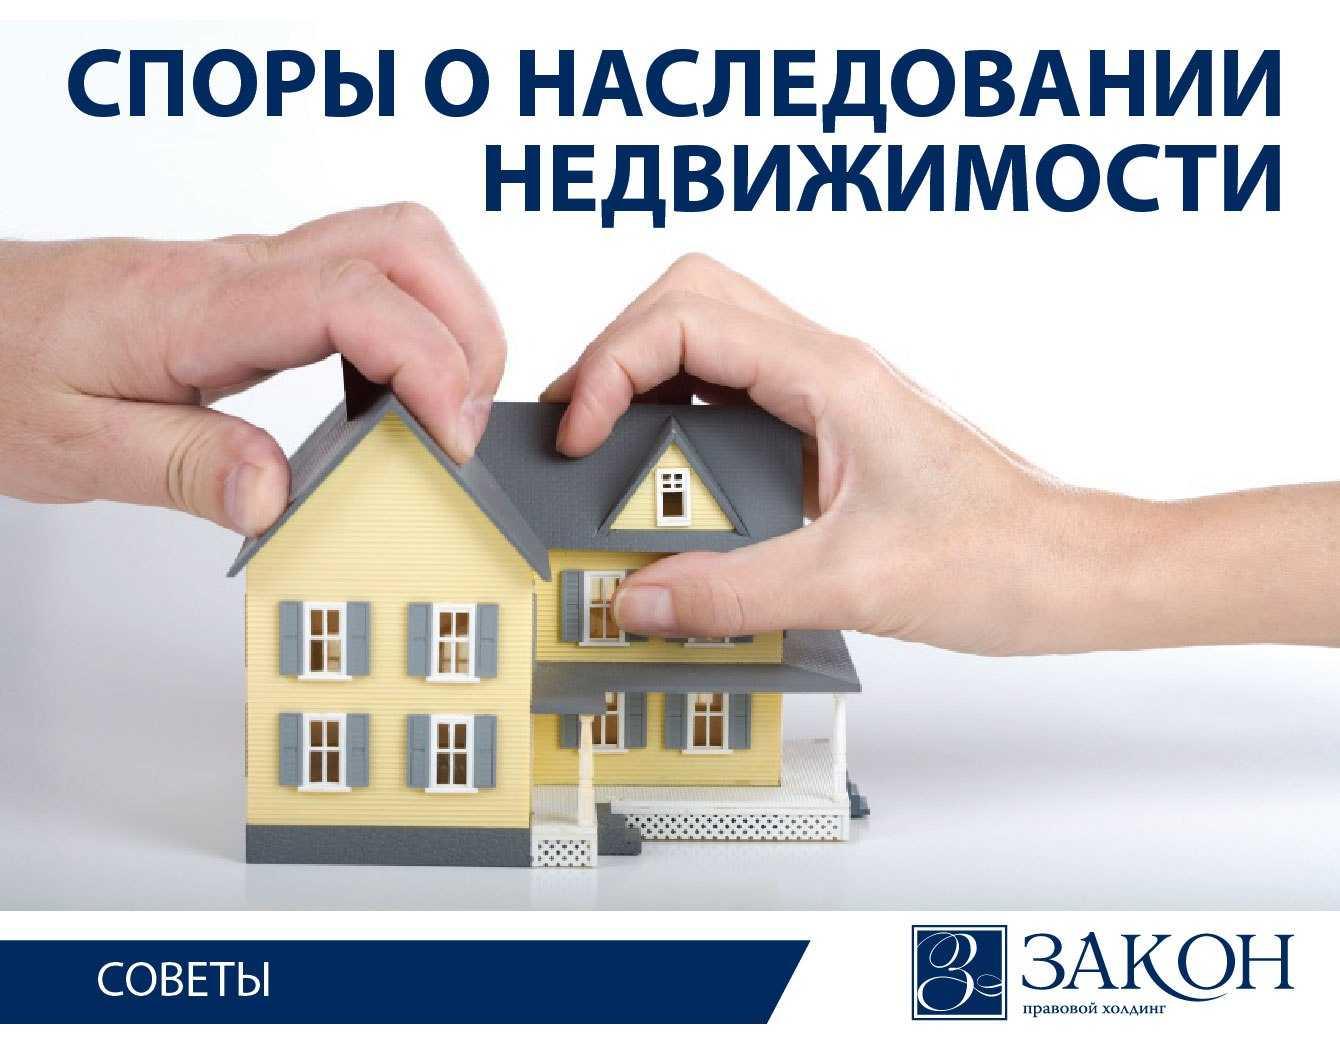 Как выбрать квартиру и не пожалеть о покупке